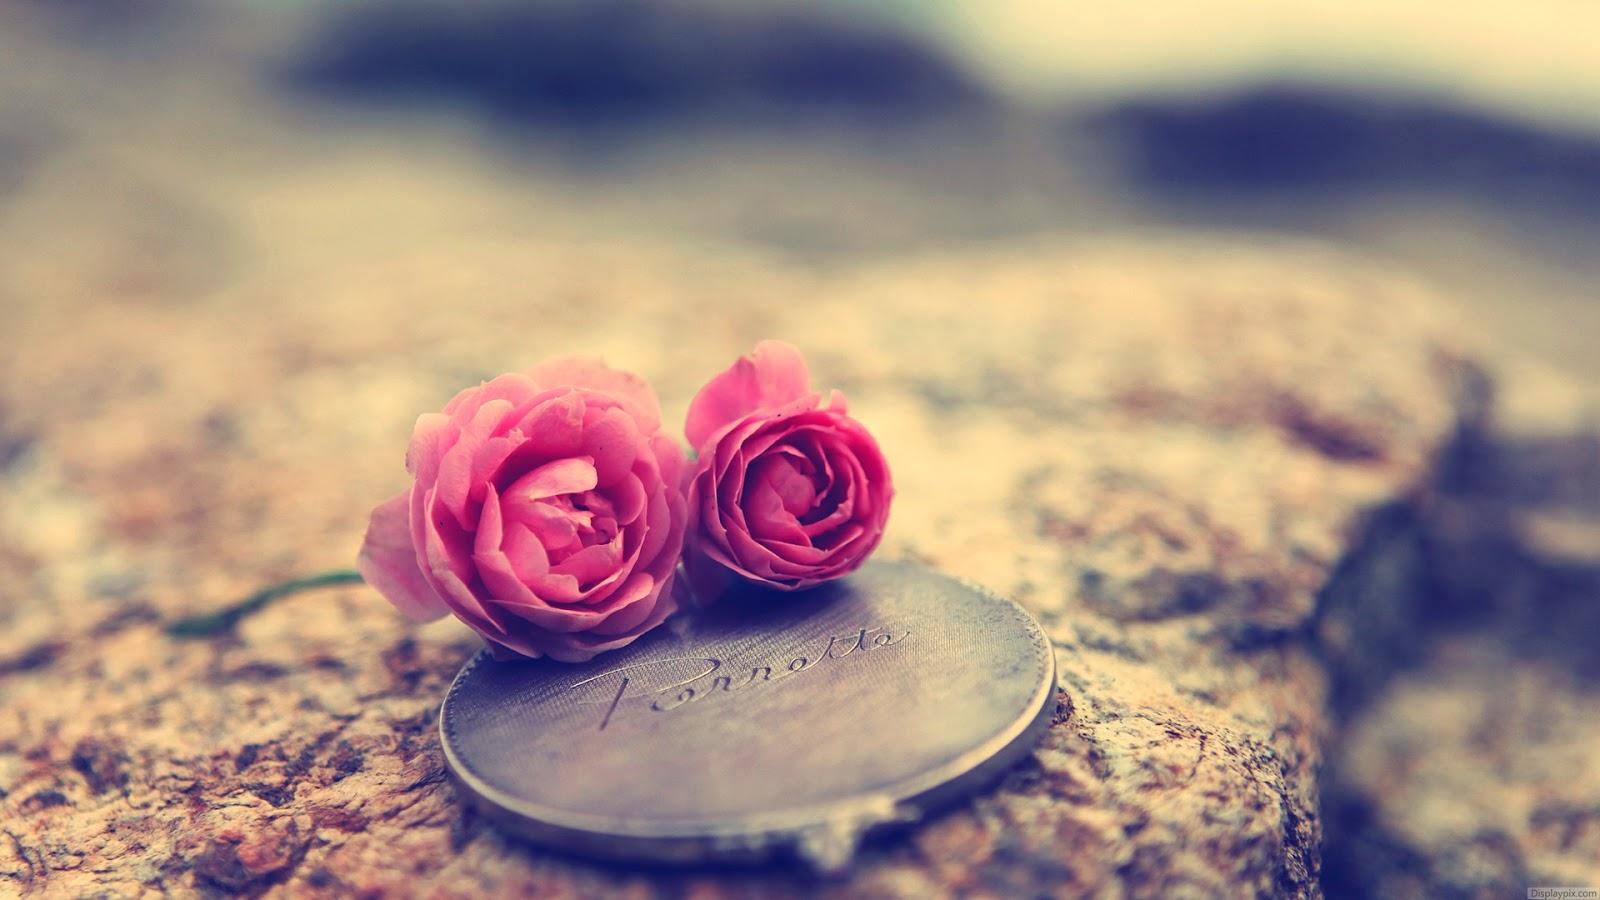 بالصور اجمل الصور للفيس بوك , صور للفسيبوك جميلة